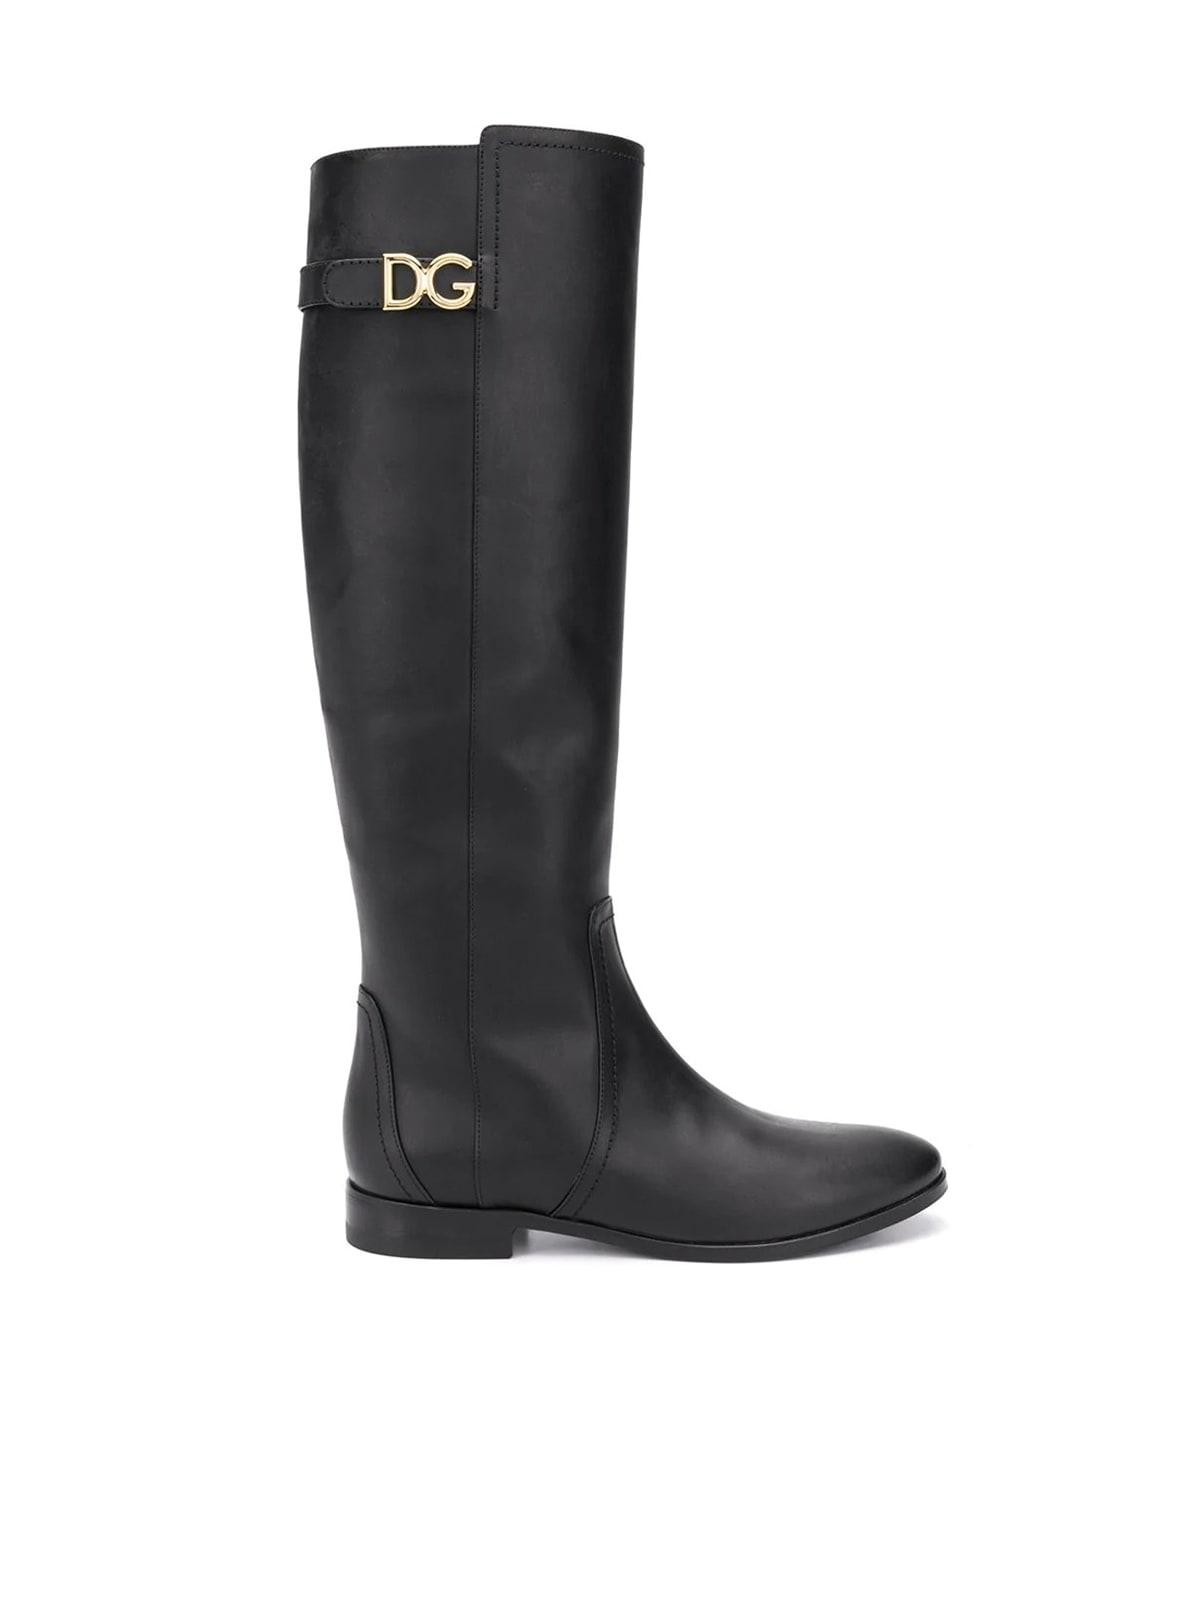 Dolce & Gabbana Harley Boot